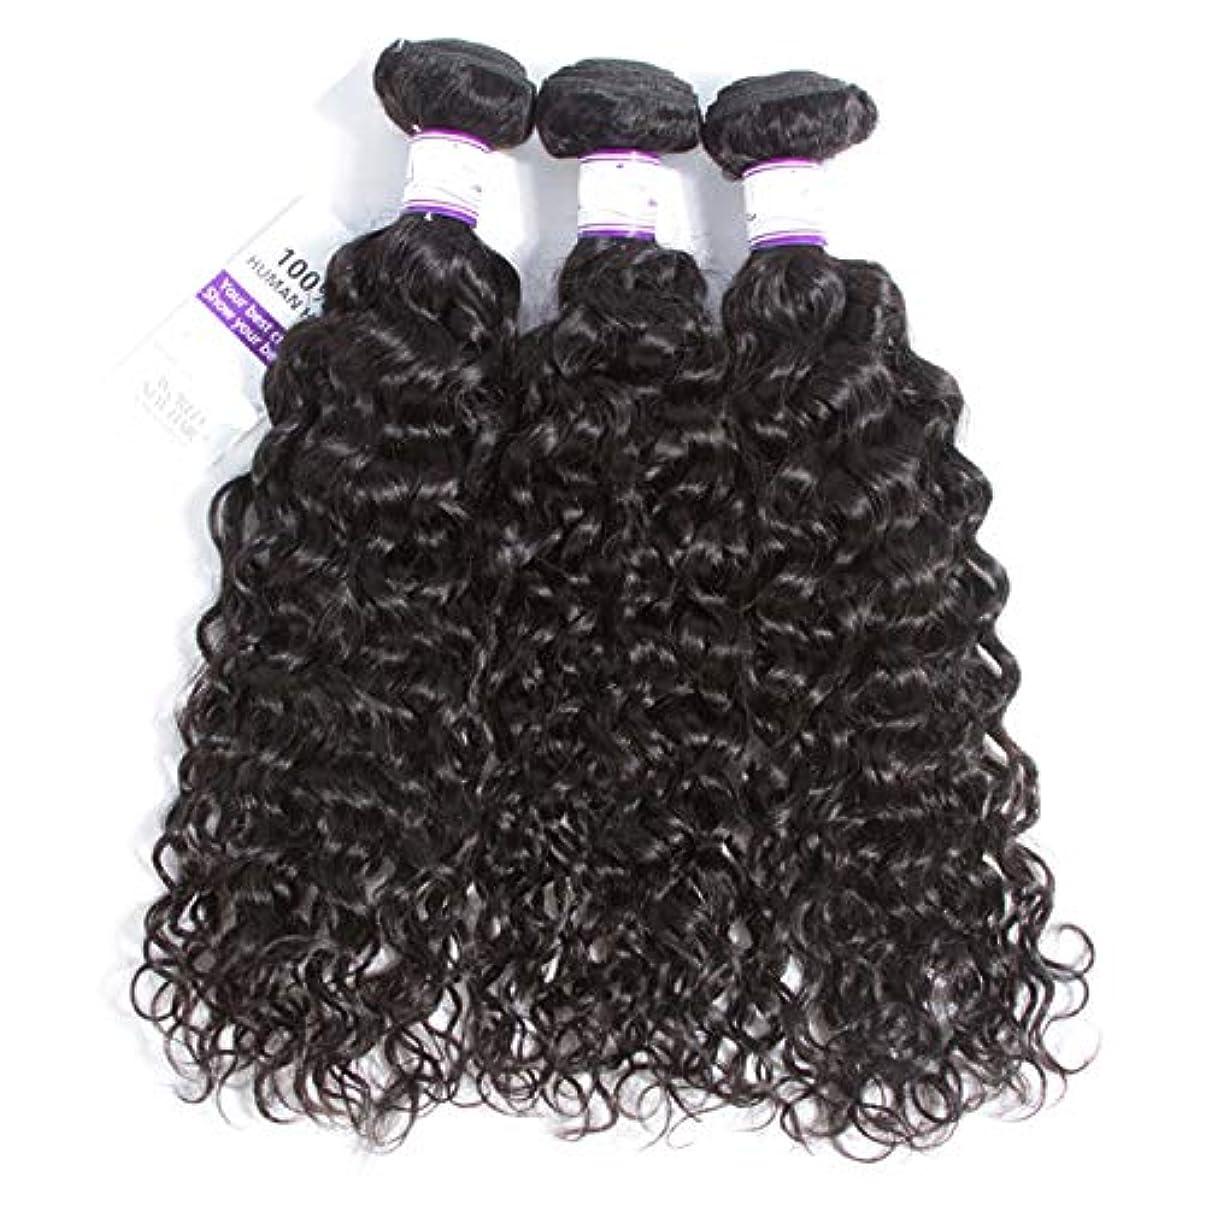 遅滞豊富ループかつら マレーシアの水の波の髪3個ナチュラルブラック人間の髪の毛の束非レミーの毛延長8-28インチ (Length : 12 14 14)